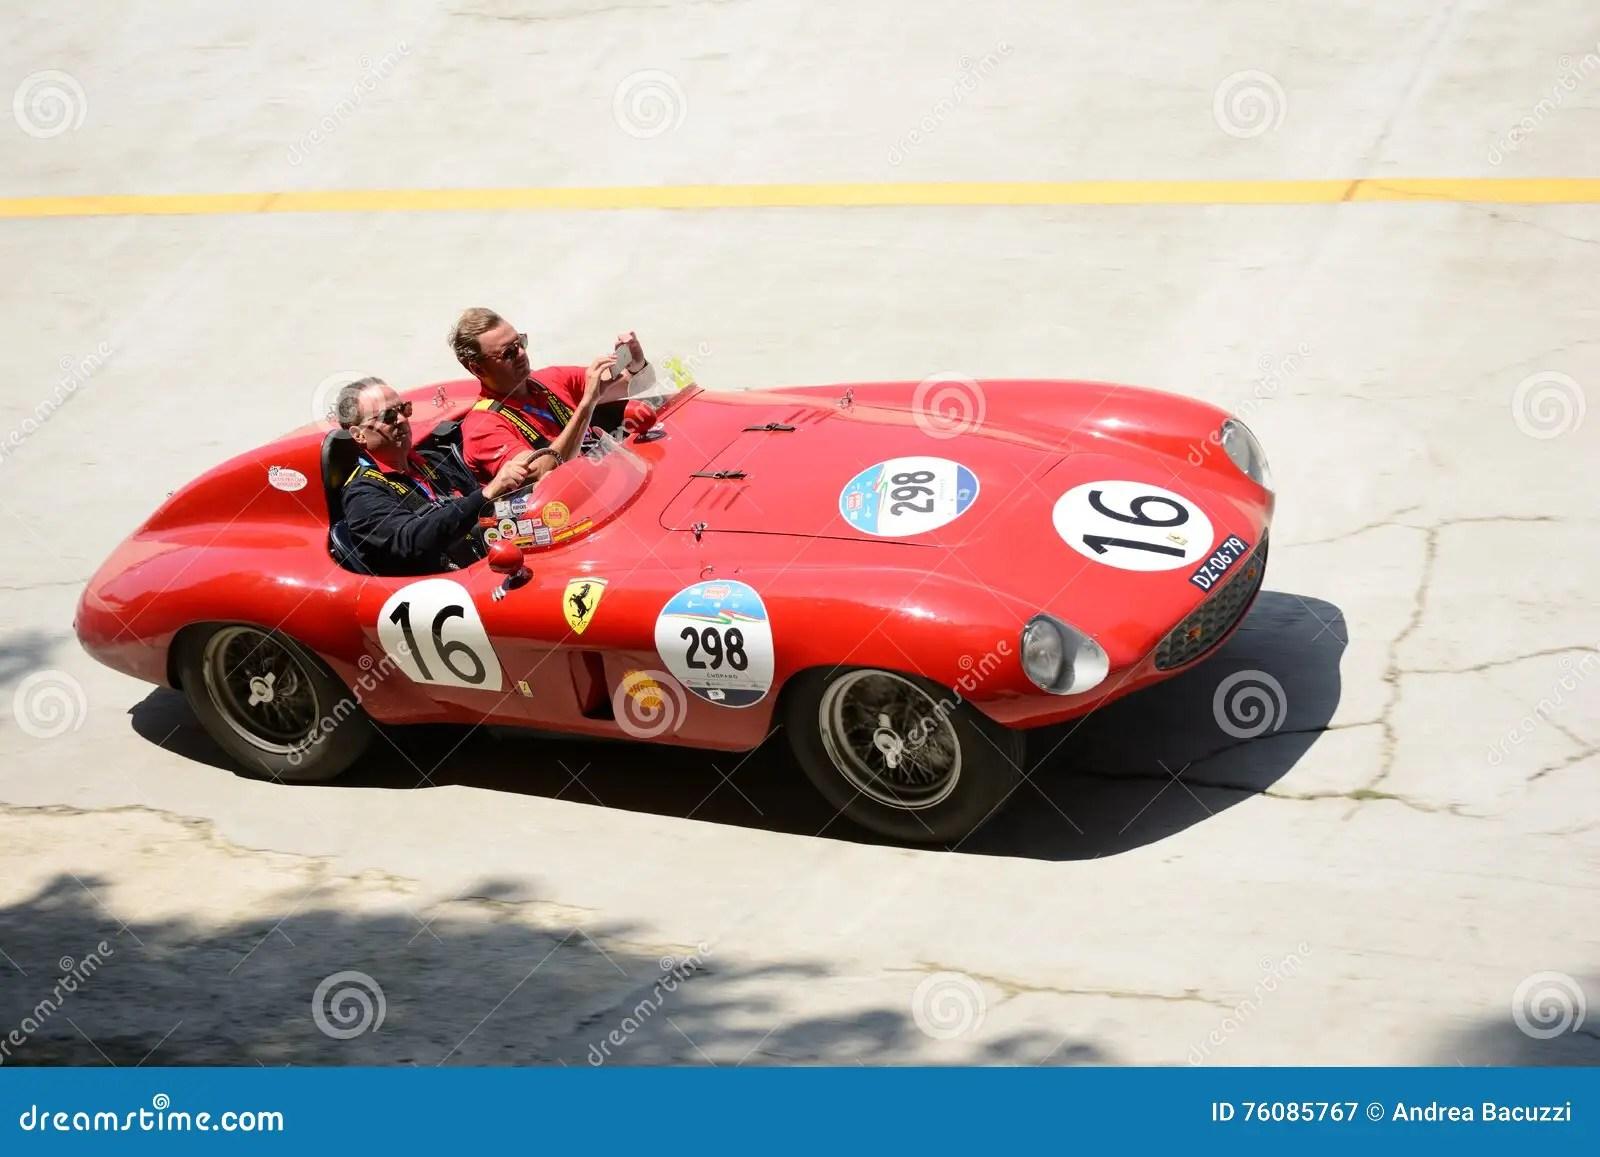 hight resolution of 1954 ferrari 750 monza spider scaglietti at the mille miglia